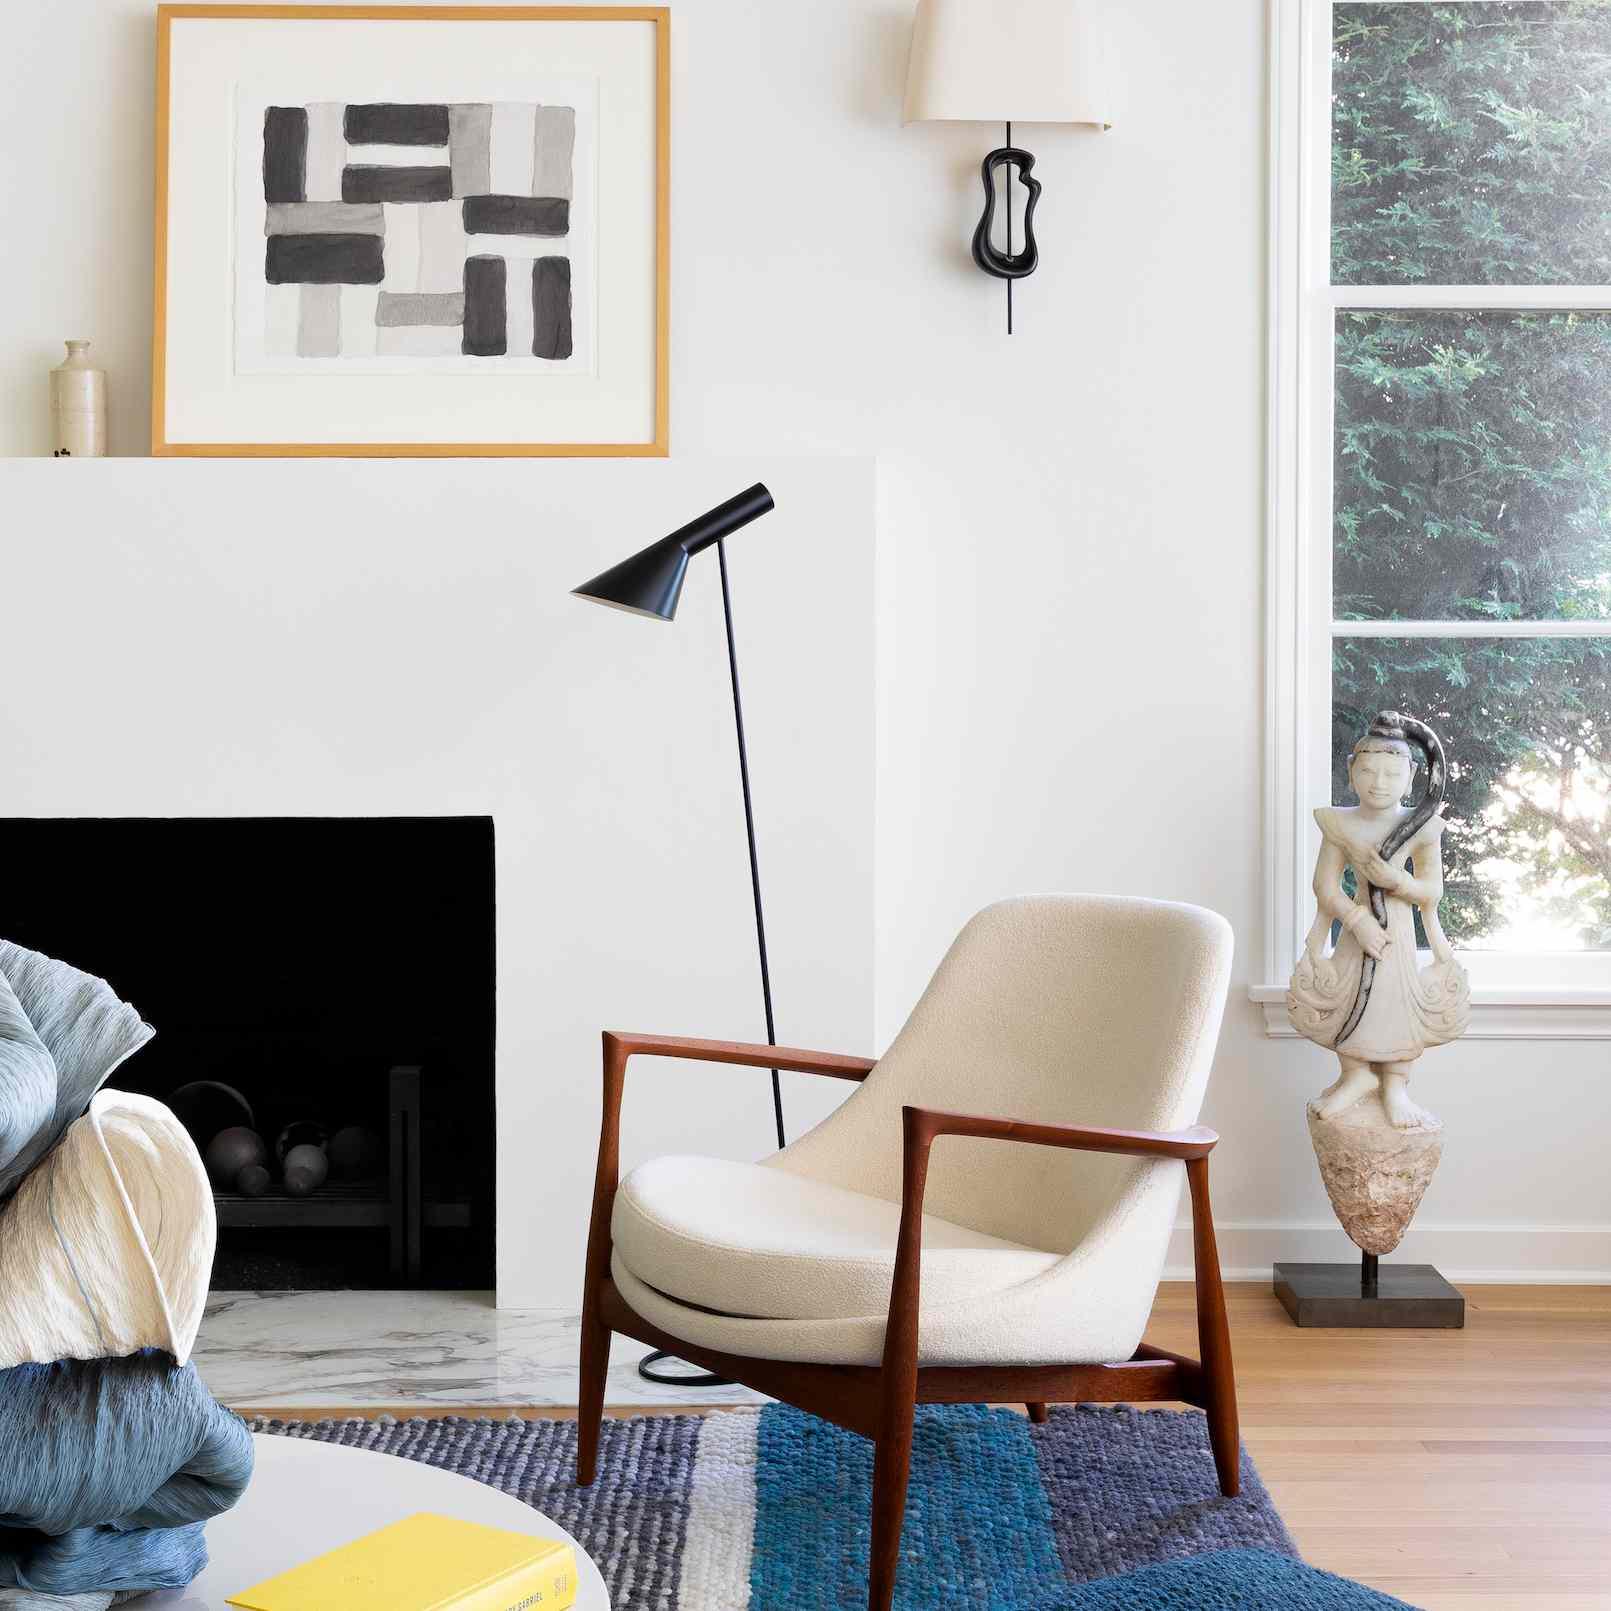 diseño escandinavo de la sala de estar